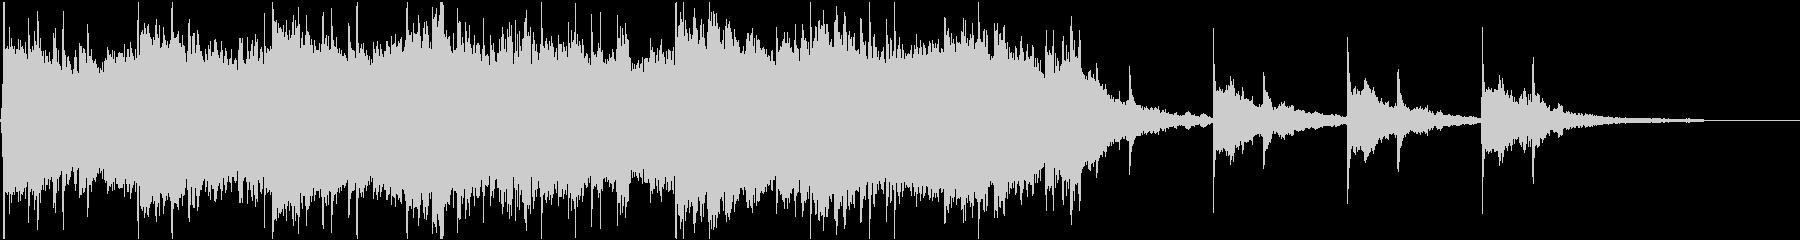 エモロック系ギターピアノインストの未再生の波形